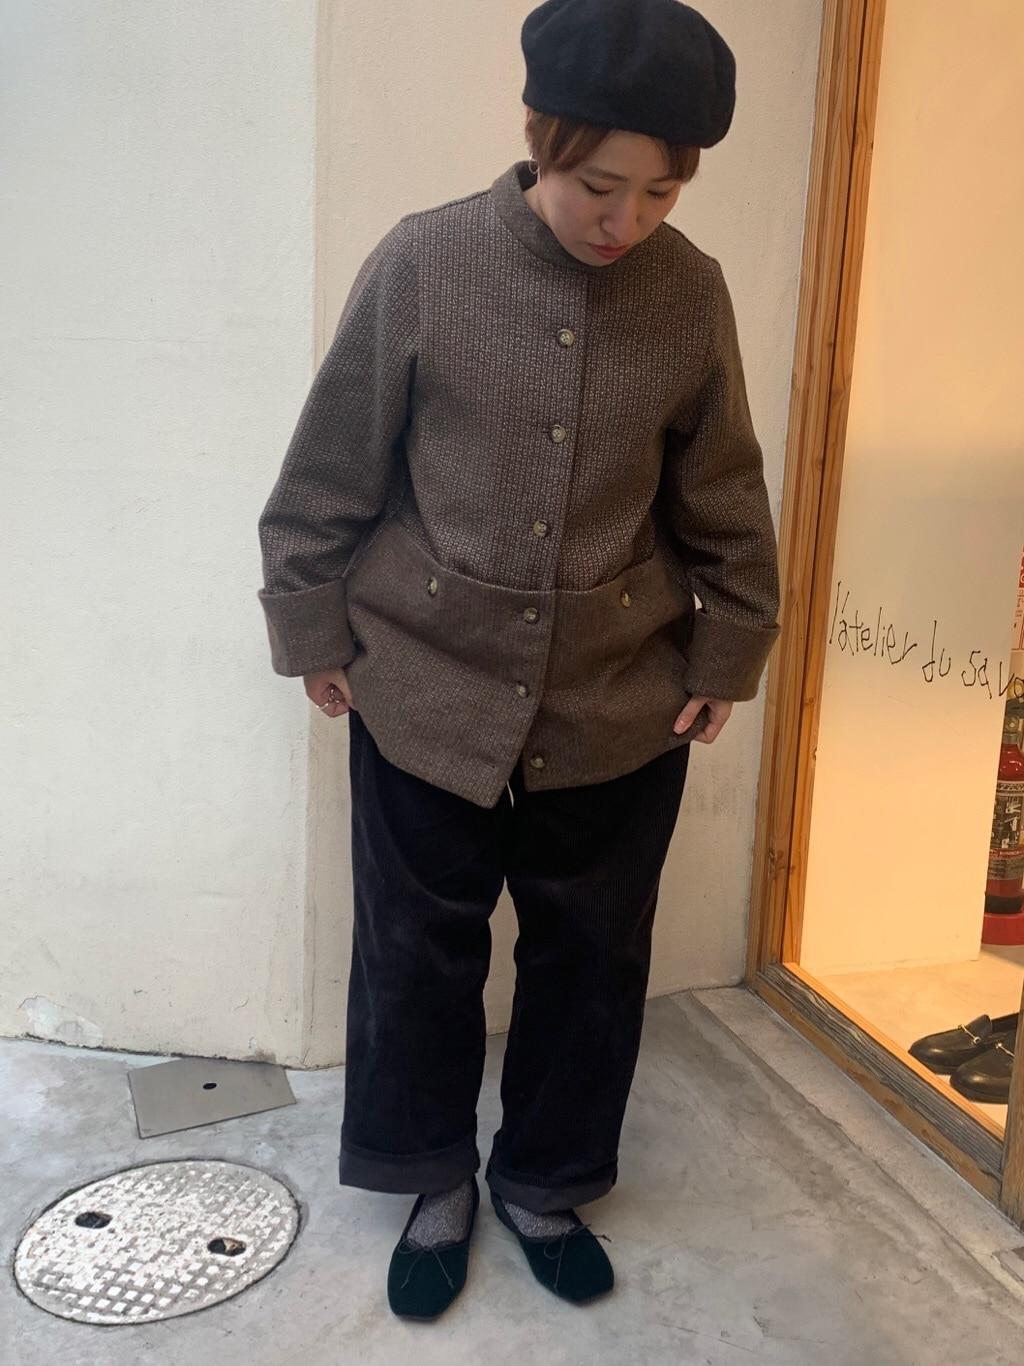 l'atelier du savon 京都路面 身長:148cm 2019.11.01